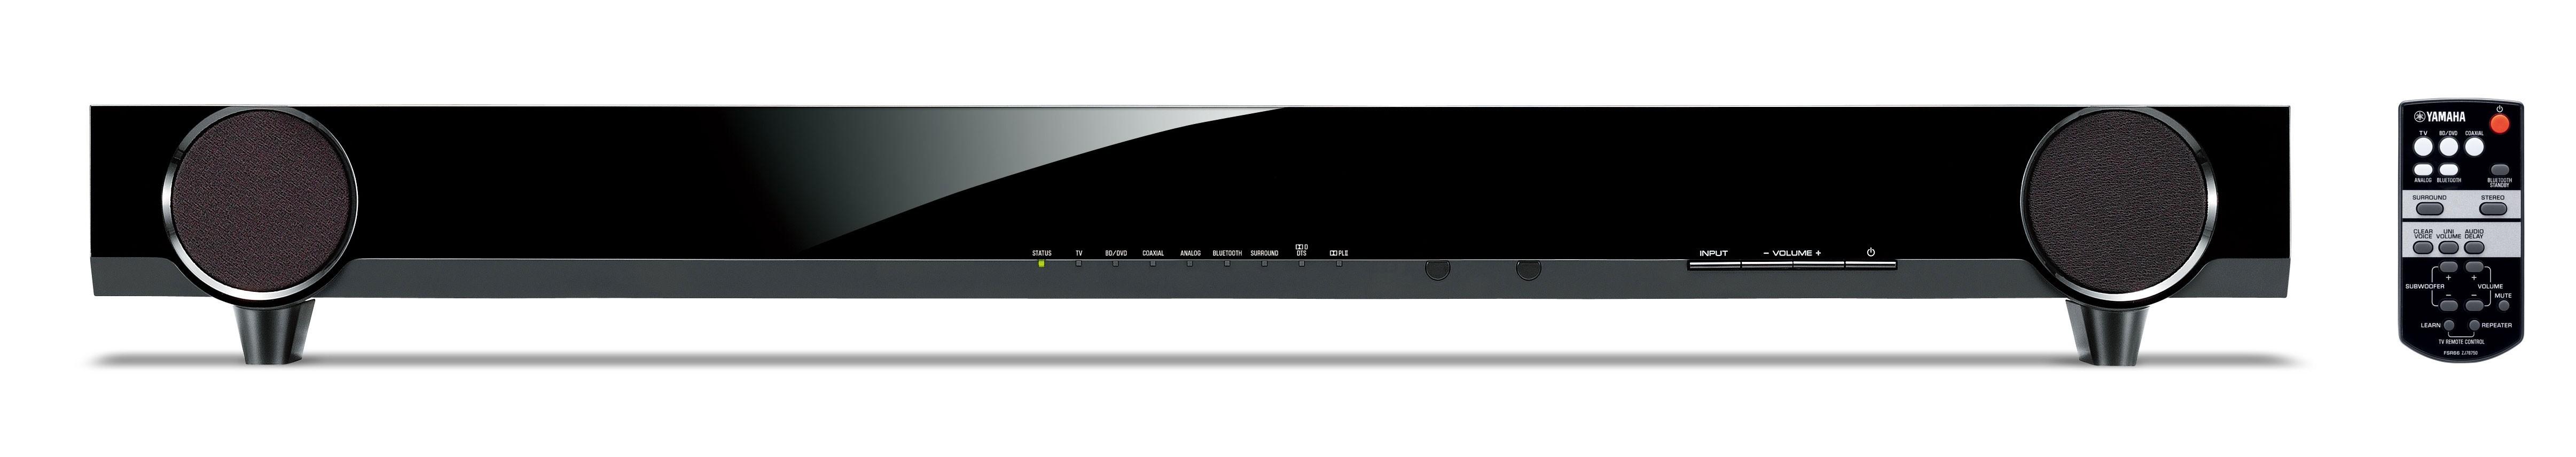 Звуковой проектор Yamaha YAS-103 -